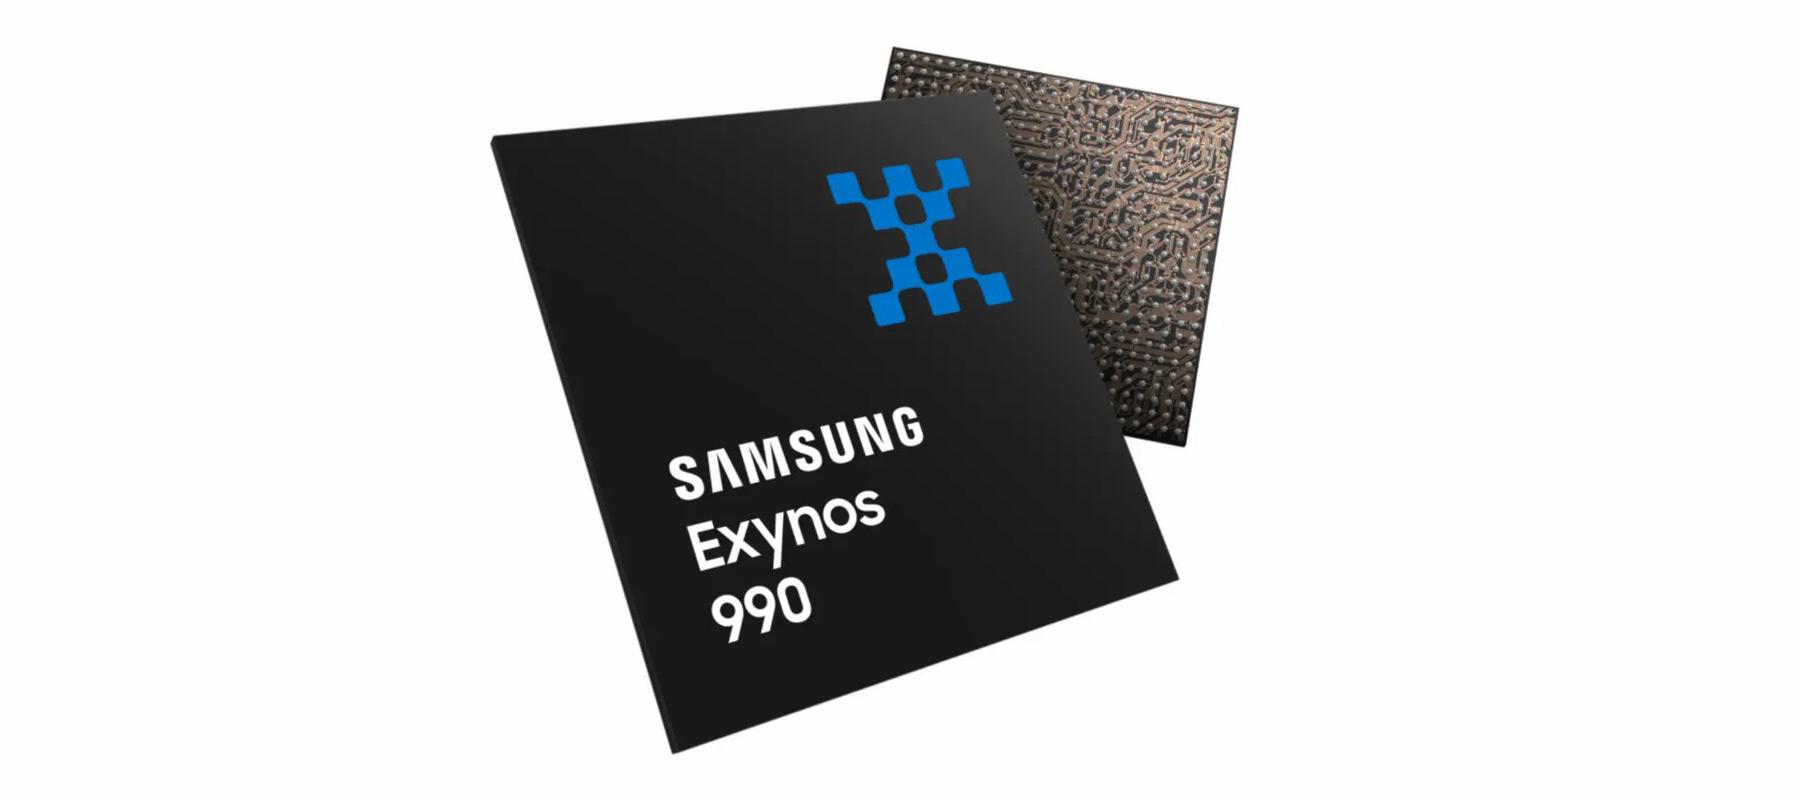 سخت افزار گوشی سامسونگ Galaxy S20 FE